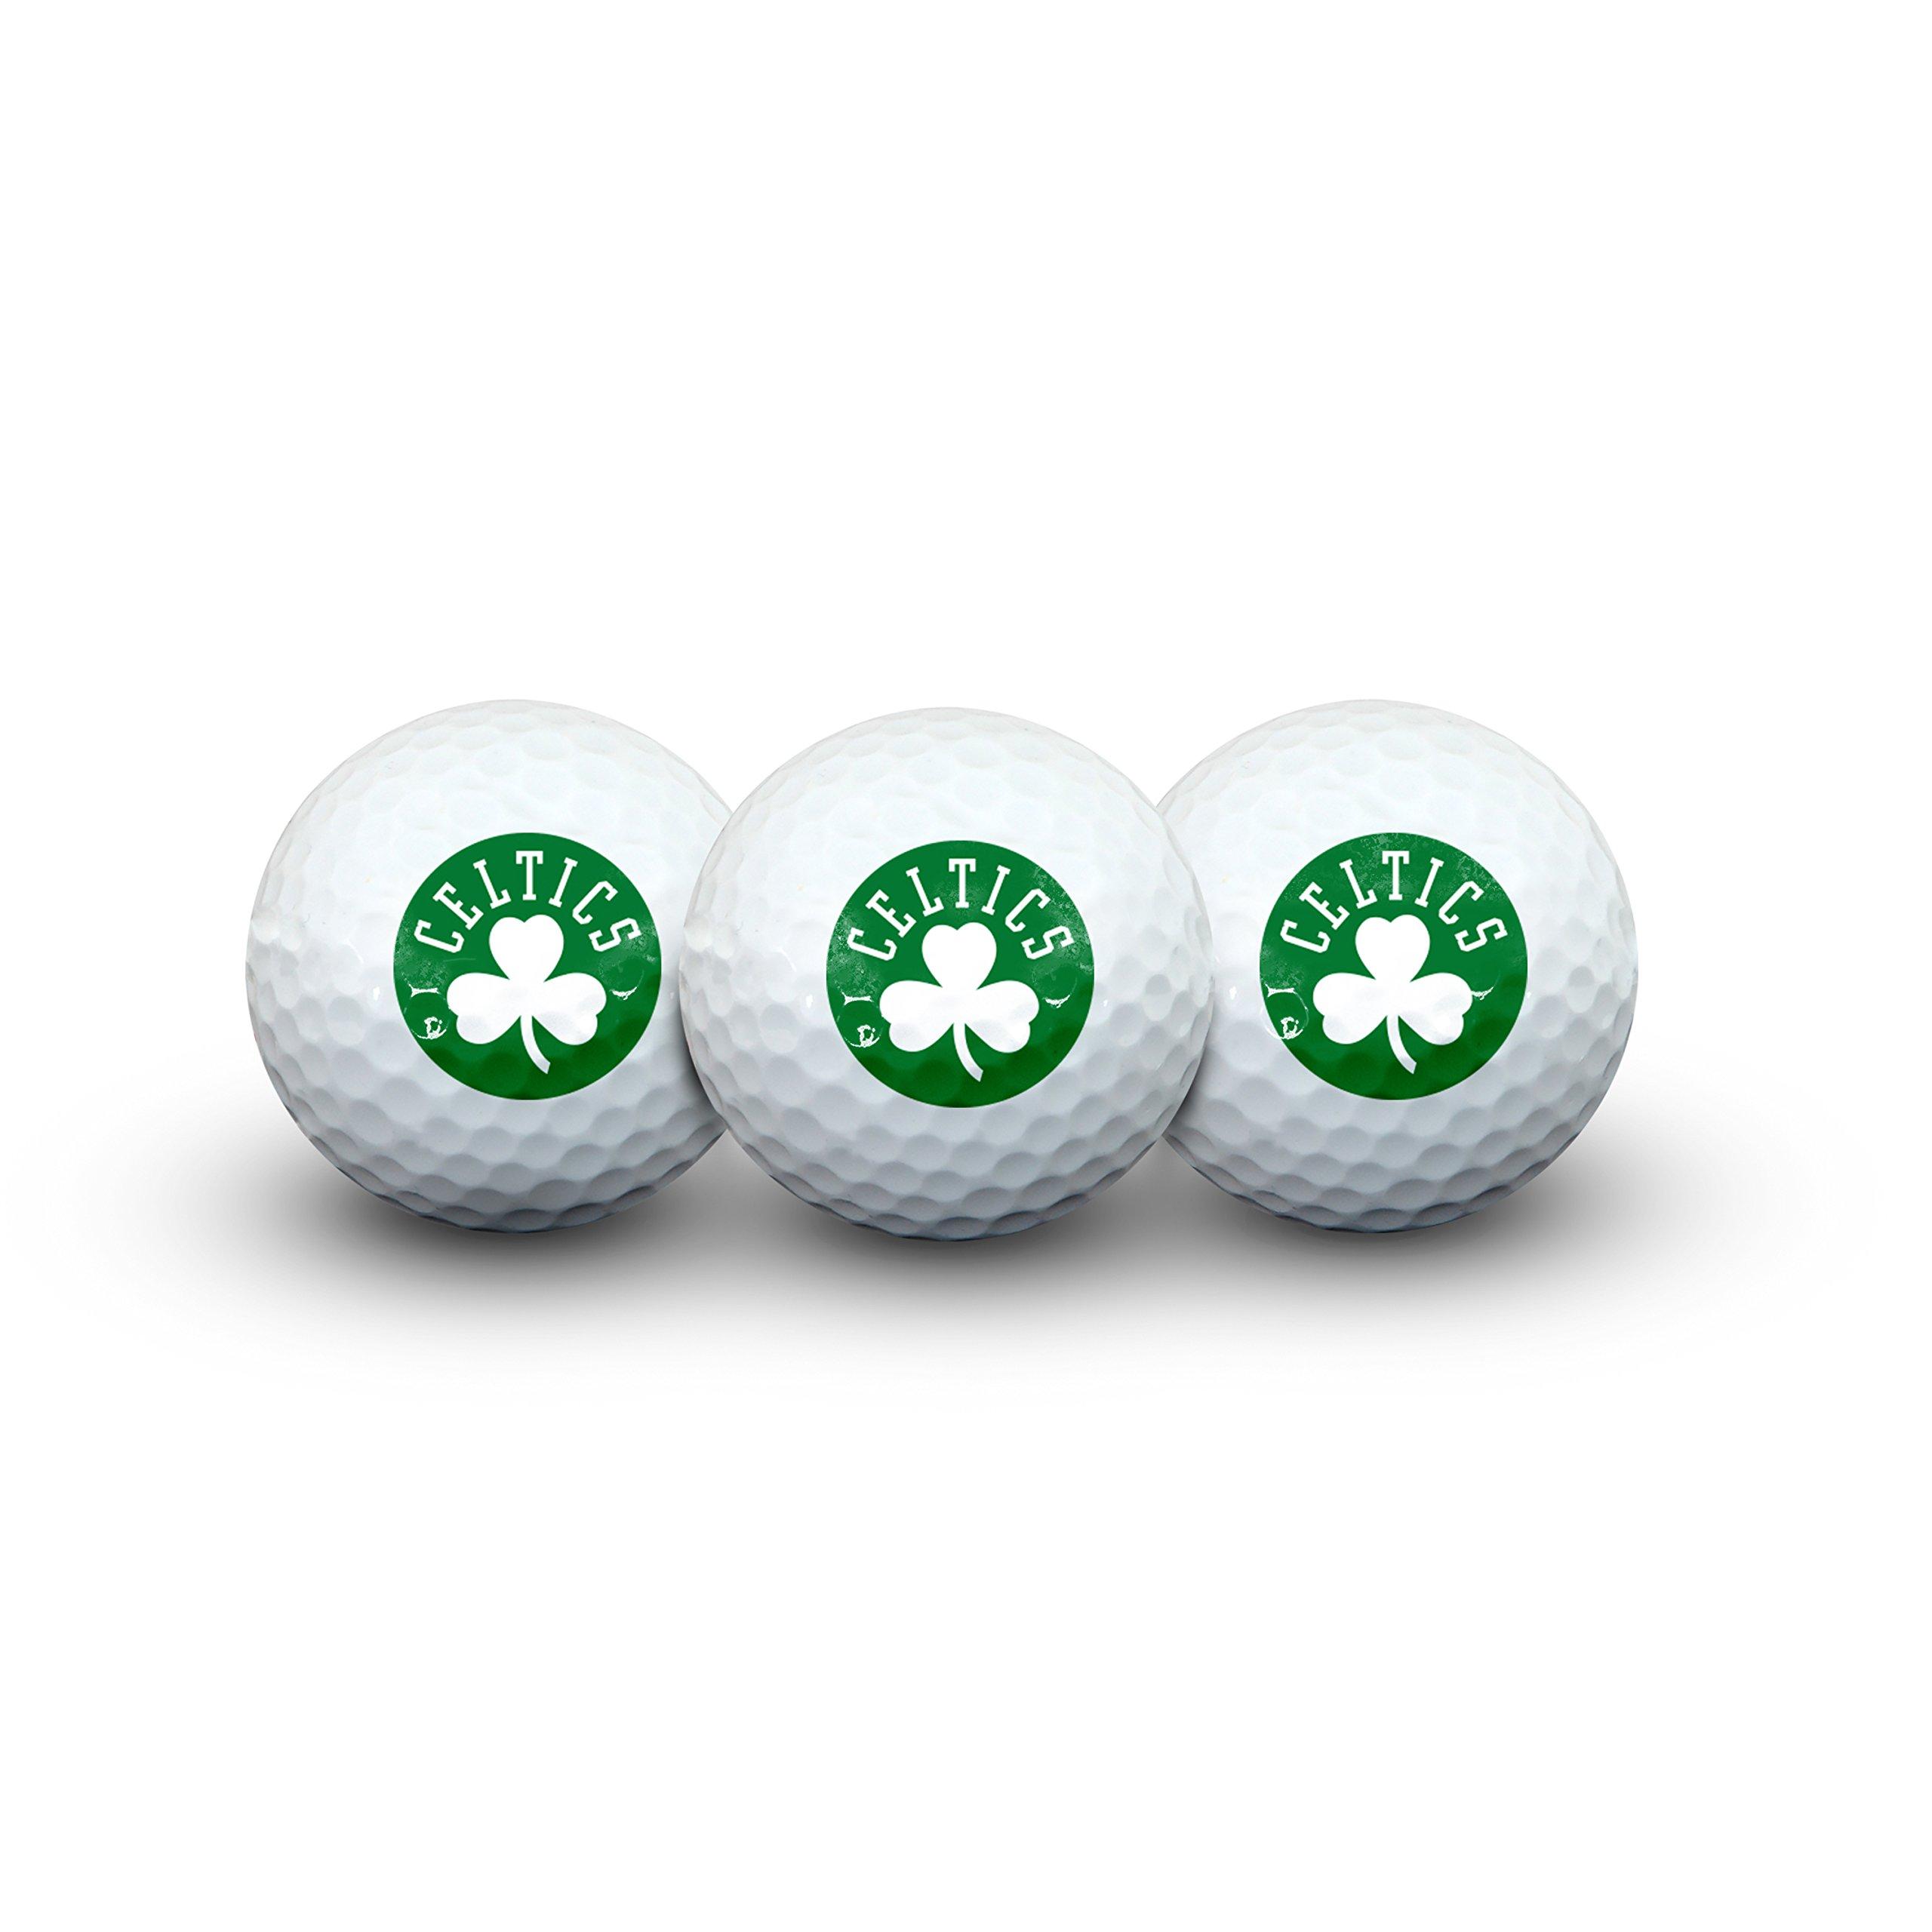 Team Effort NBA Boston Celtics Golf Ball Pack of 3Golf Ball Pack of 3, NA